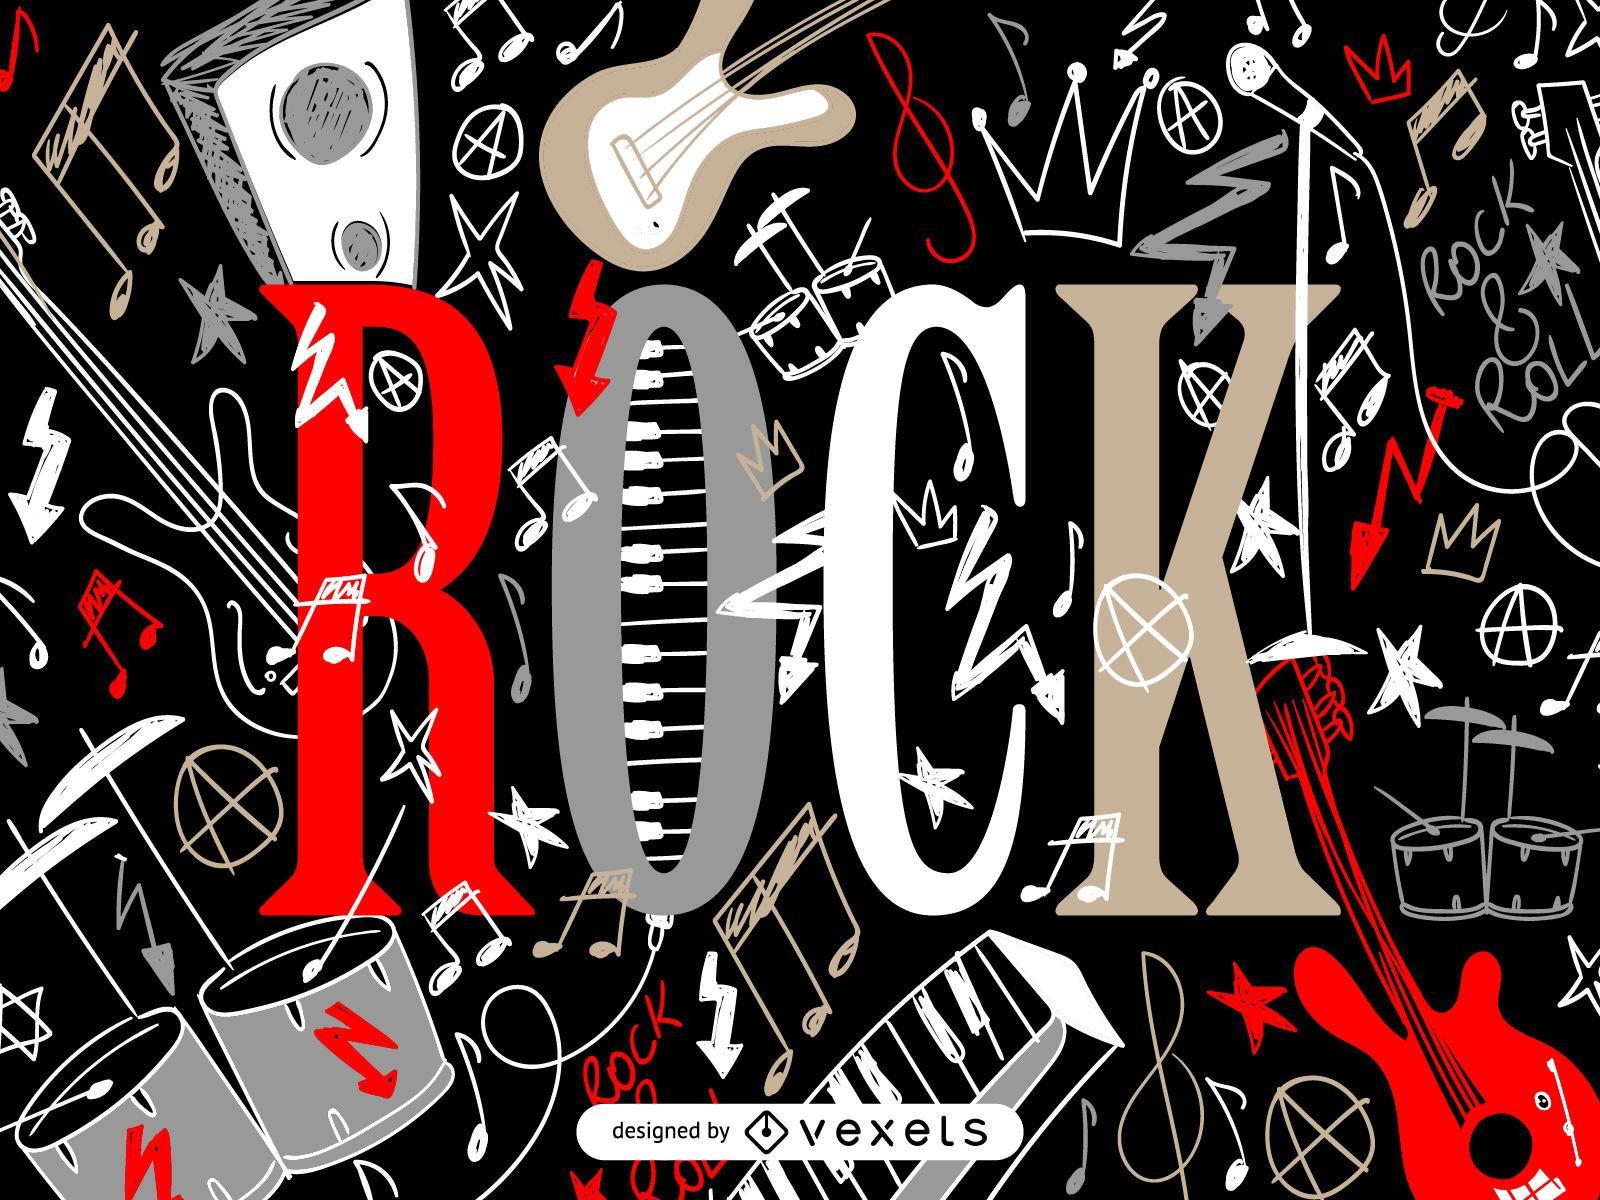 Pôster ilustrado de rock